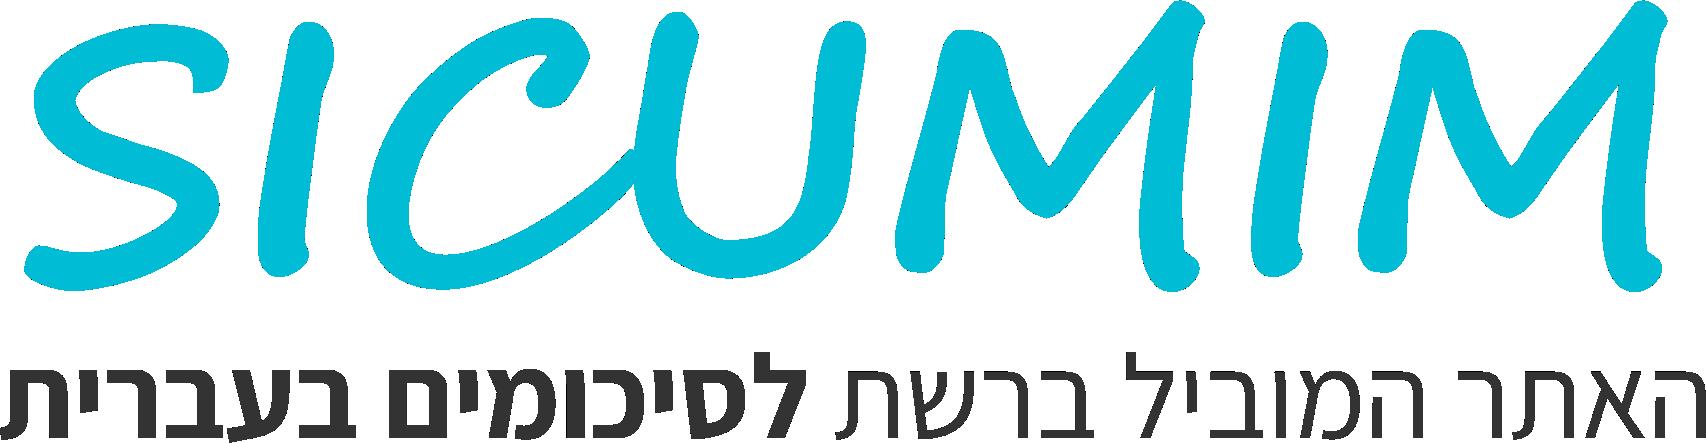 סיכומים - האתר המוביל ברשת לסיכומים בעברית